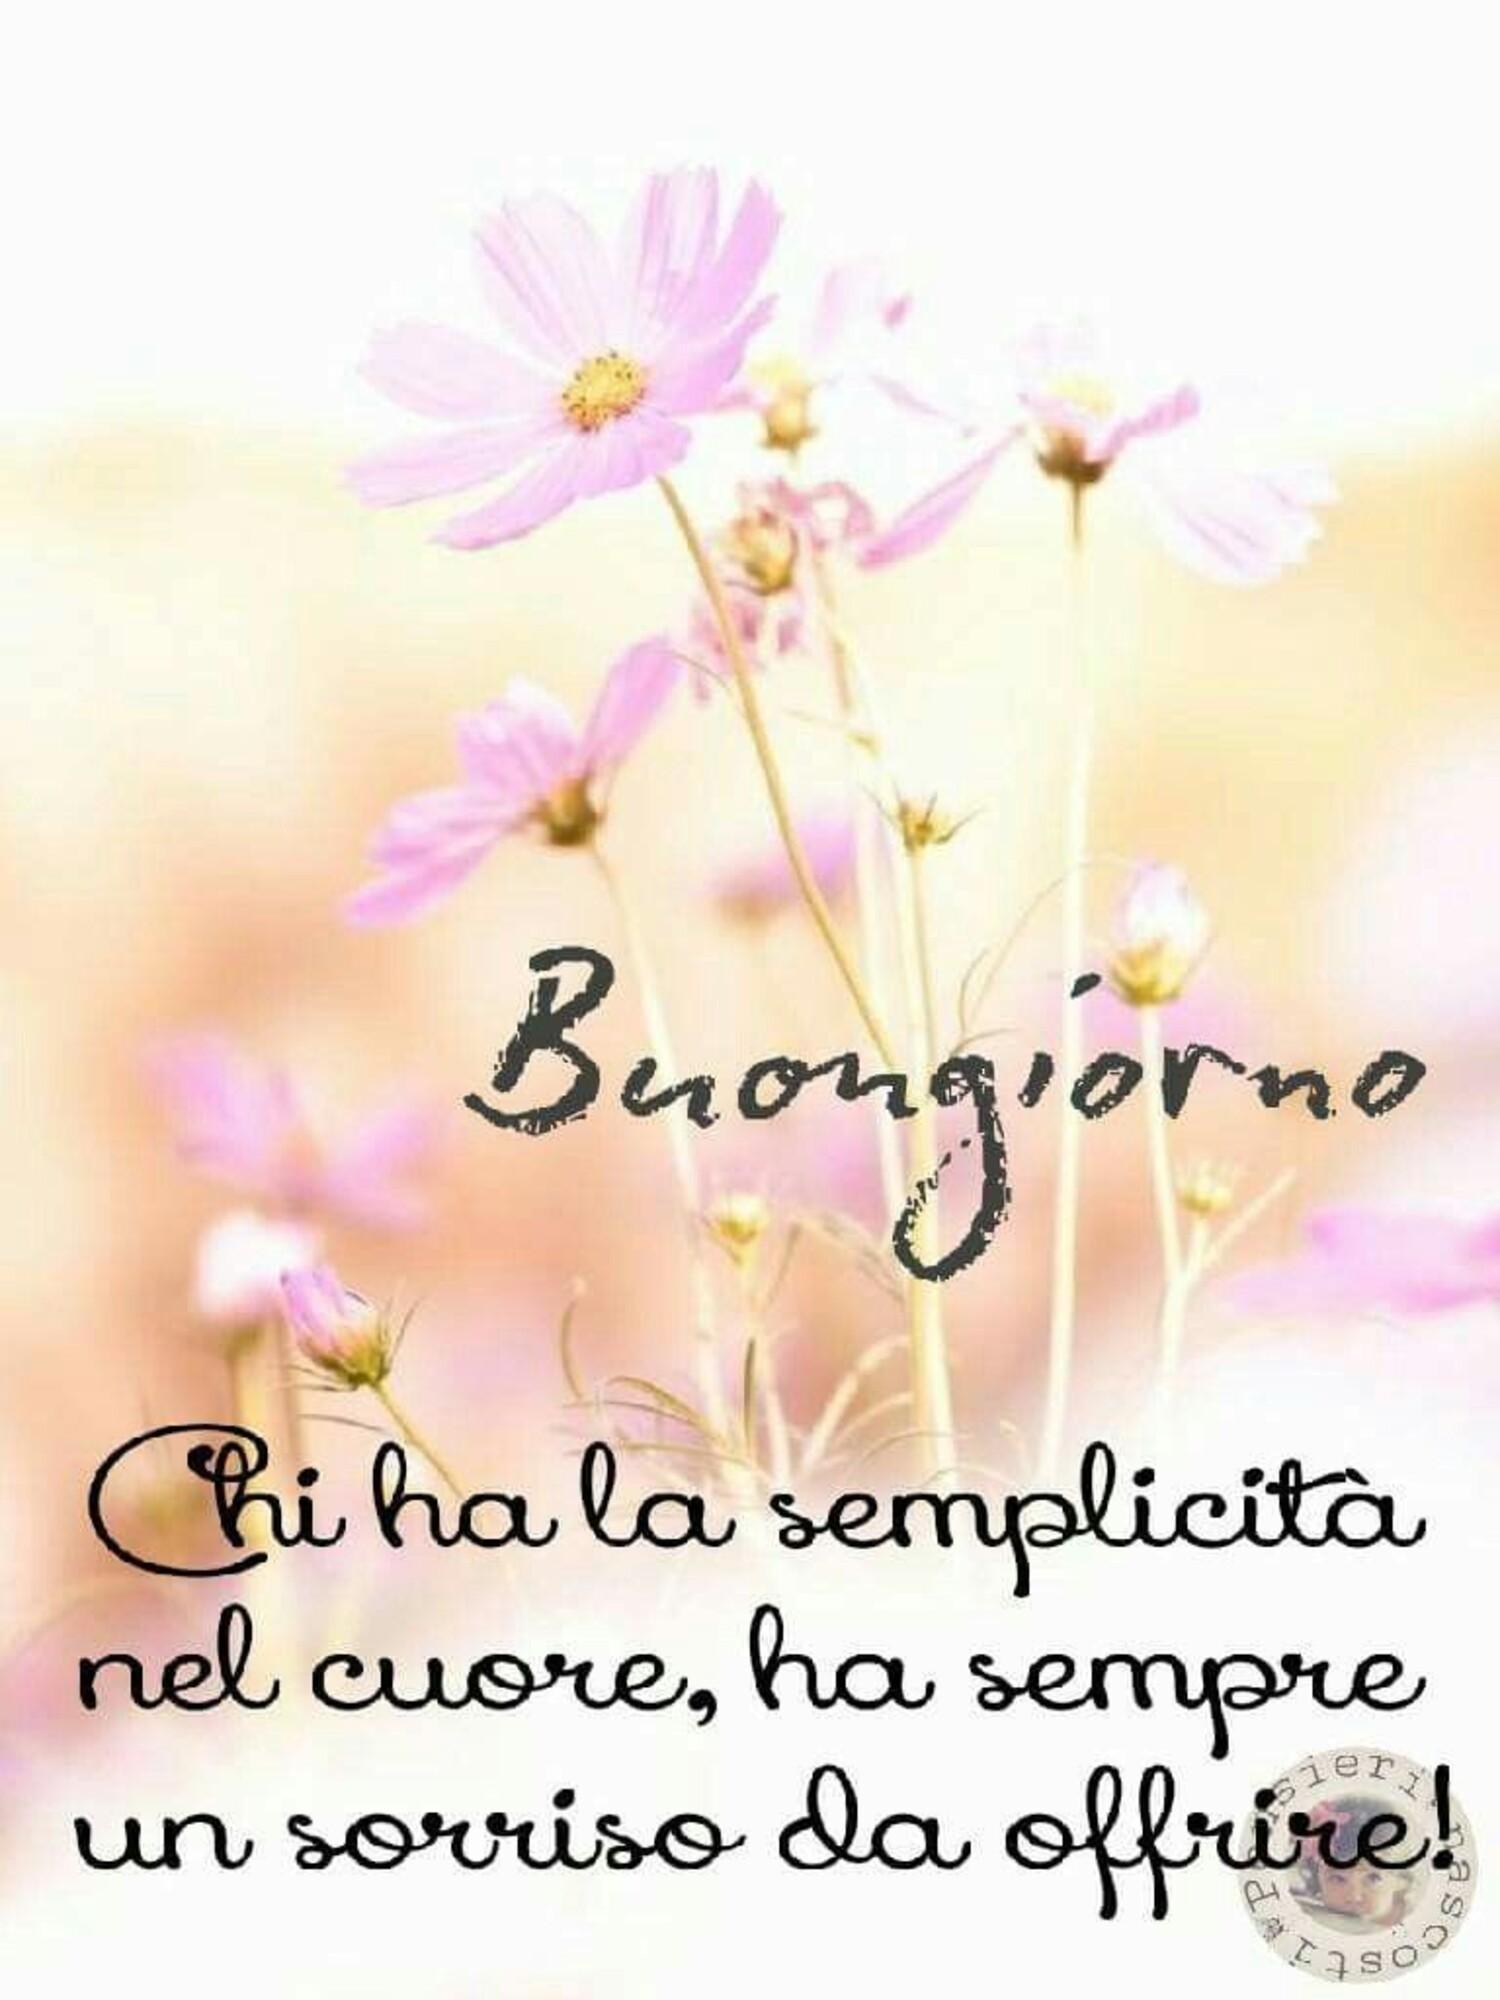 Buongiorno, chi ha la semplicità nel cuore, ha sempre un sorriso da offrire!